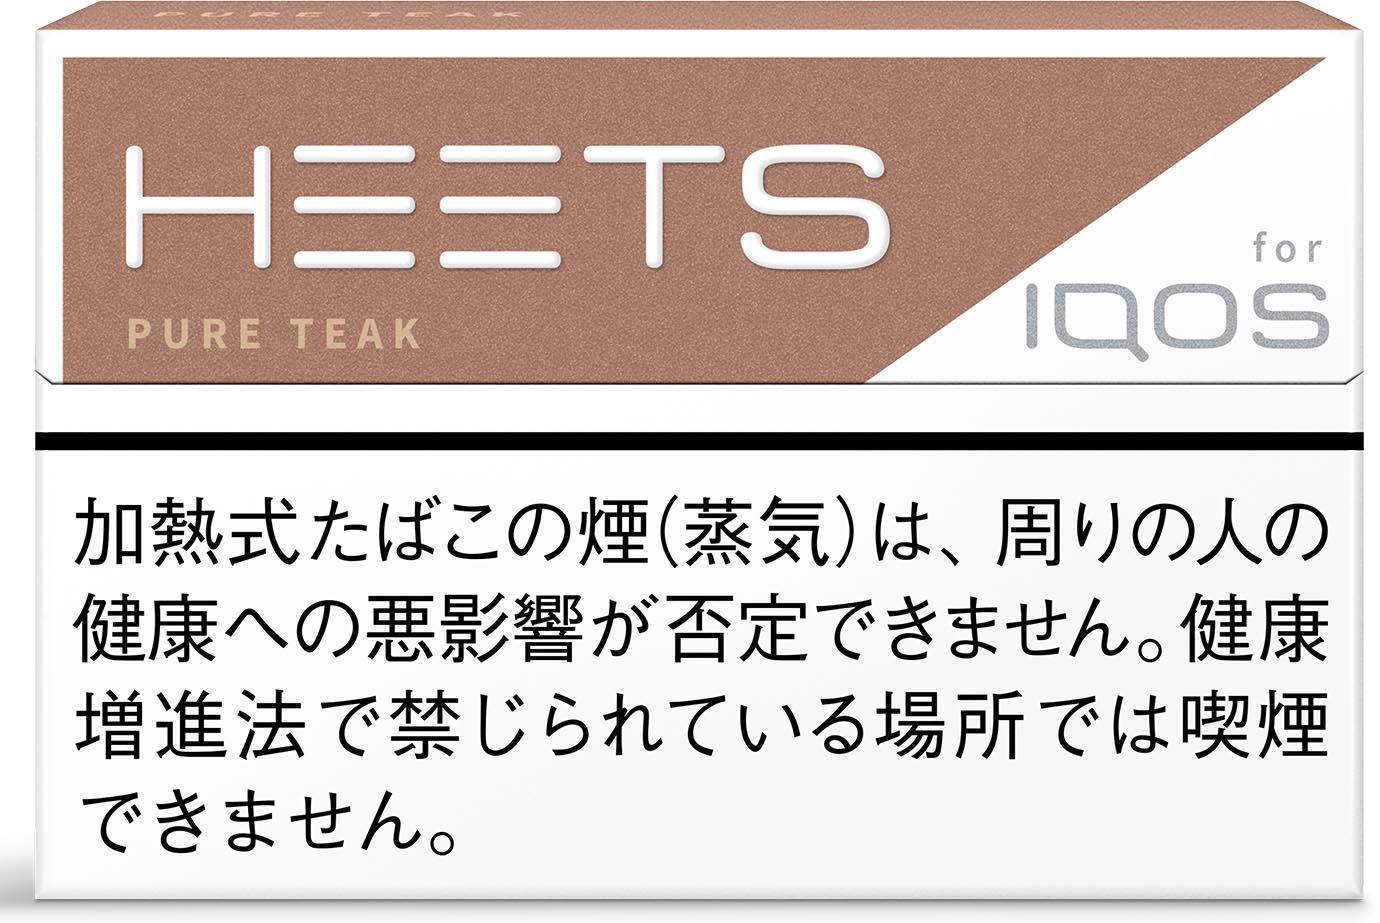 heets-rure-teak-news